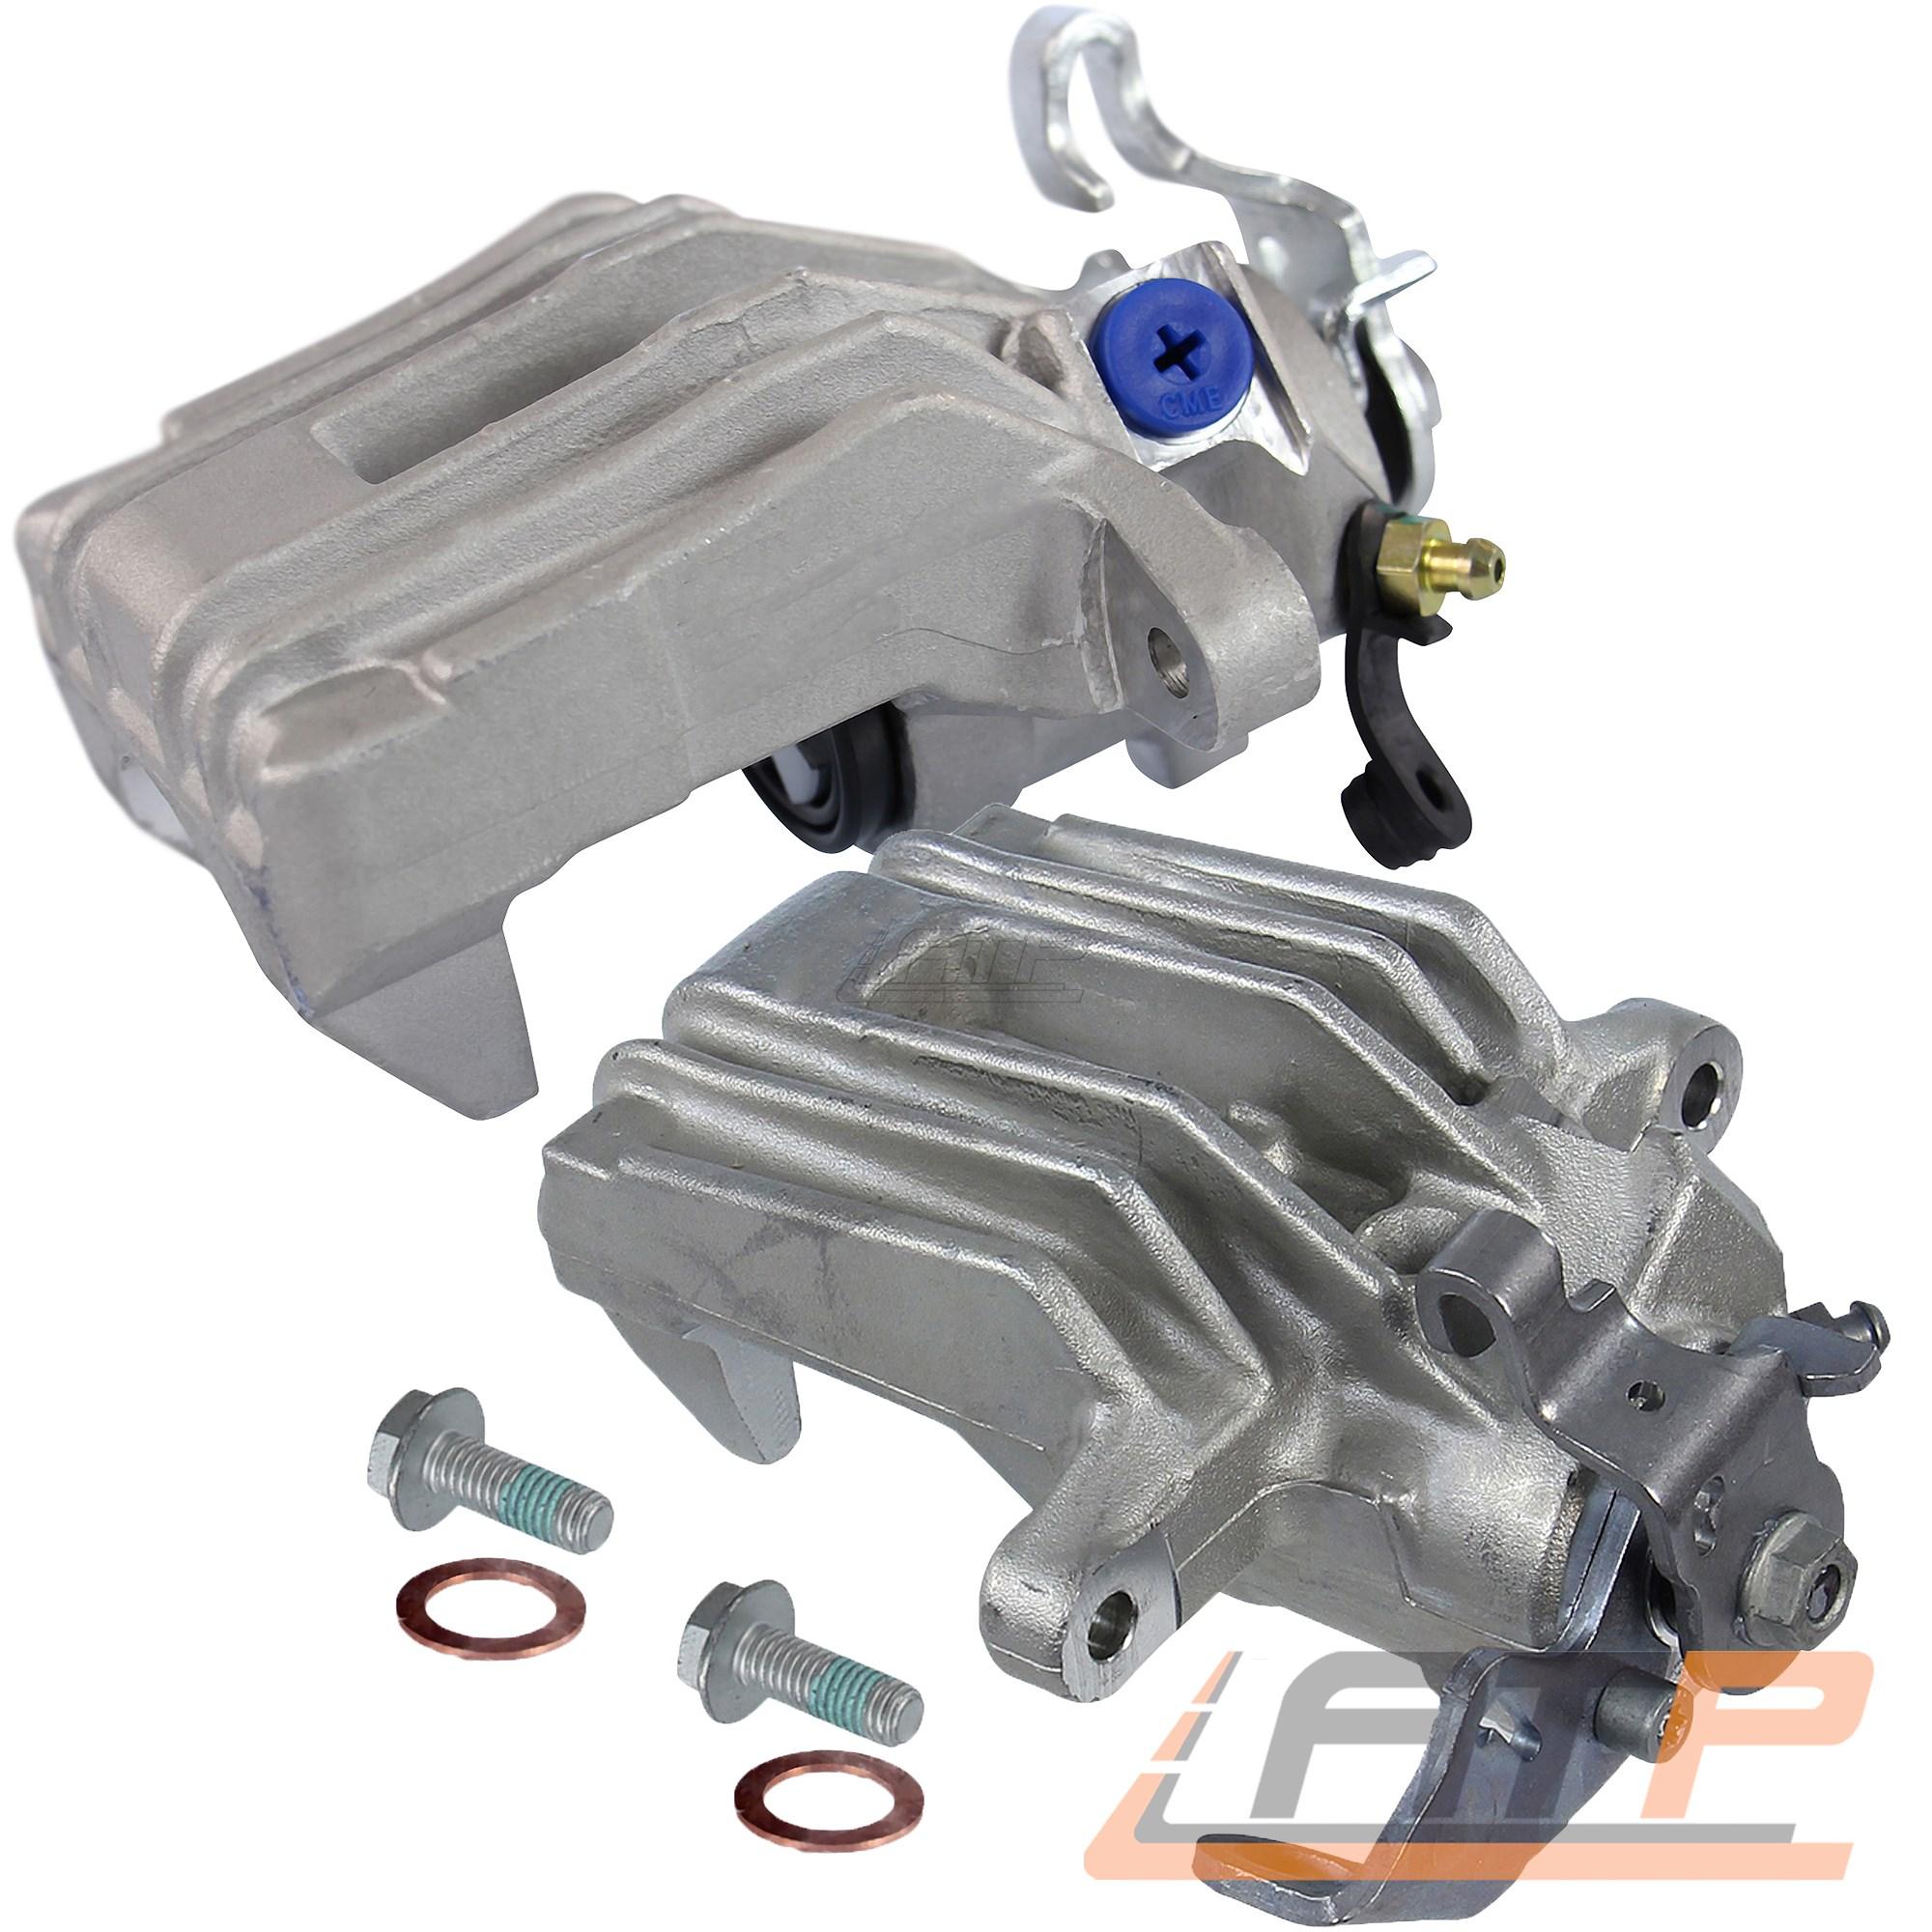 2x étrier Bremszange arrière gauche droite SEAT IBIZA 4 6 L 1.2-2.0 Bj 02-09